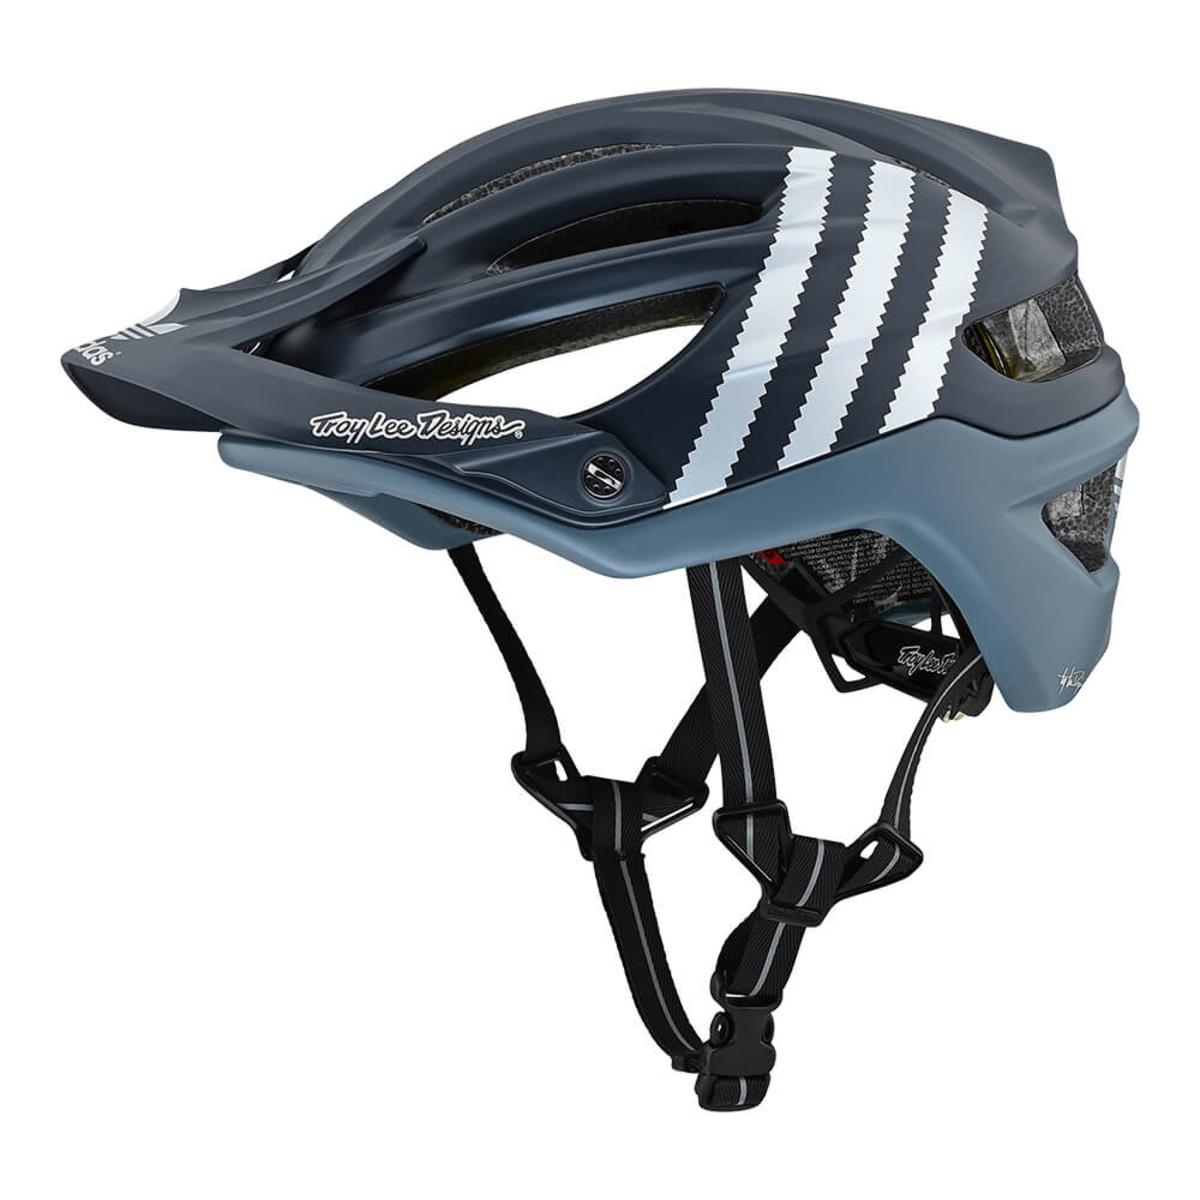 Troy Lee Designs A2 Mips Adidas LTD Edition MTB Helmet - 2019